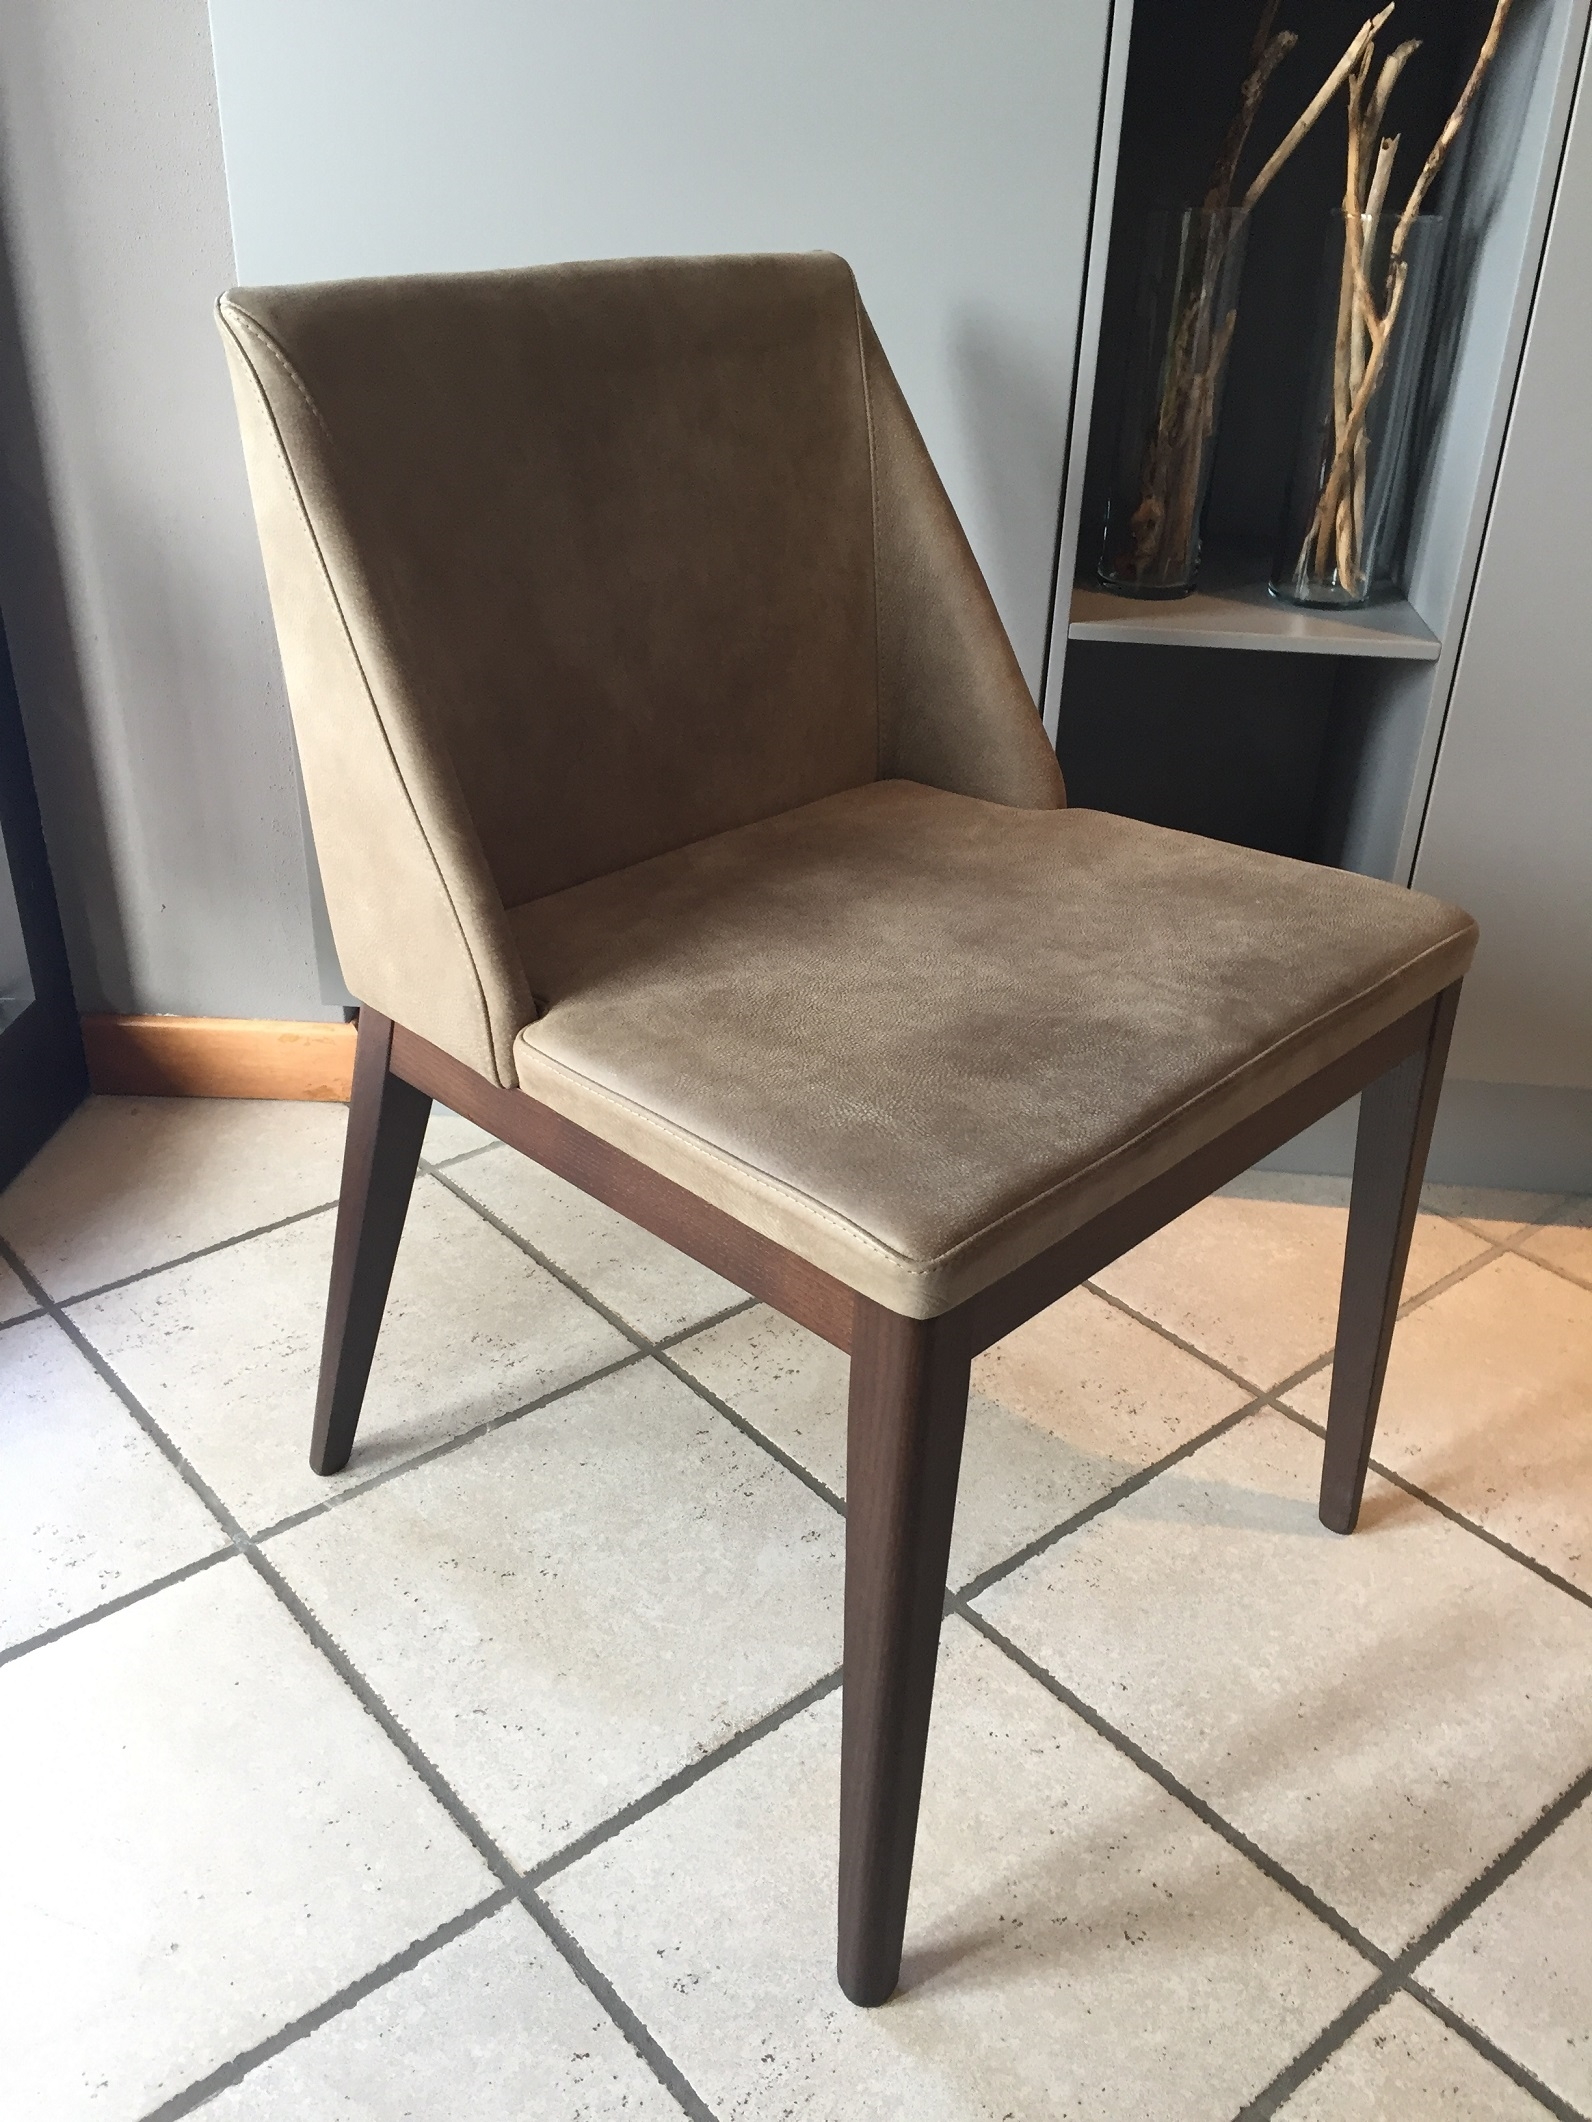 Sedia lolita ditta tomasella scontata del 40 sedie a for Sedie costo